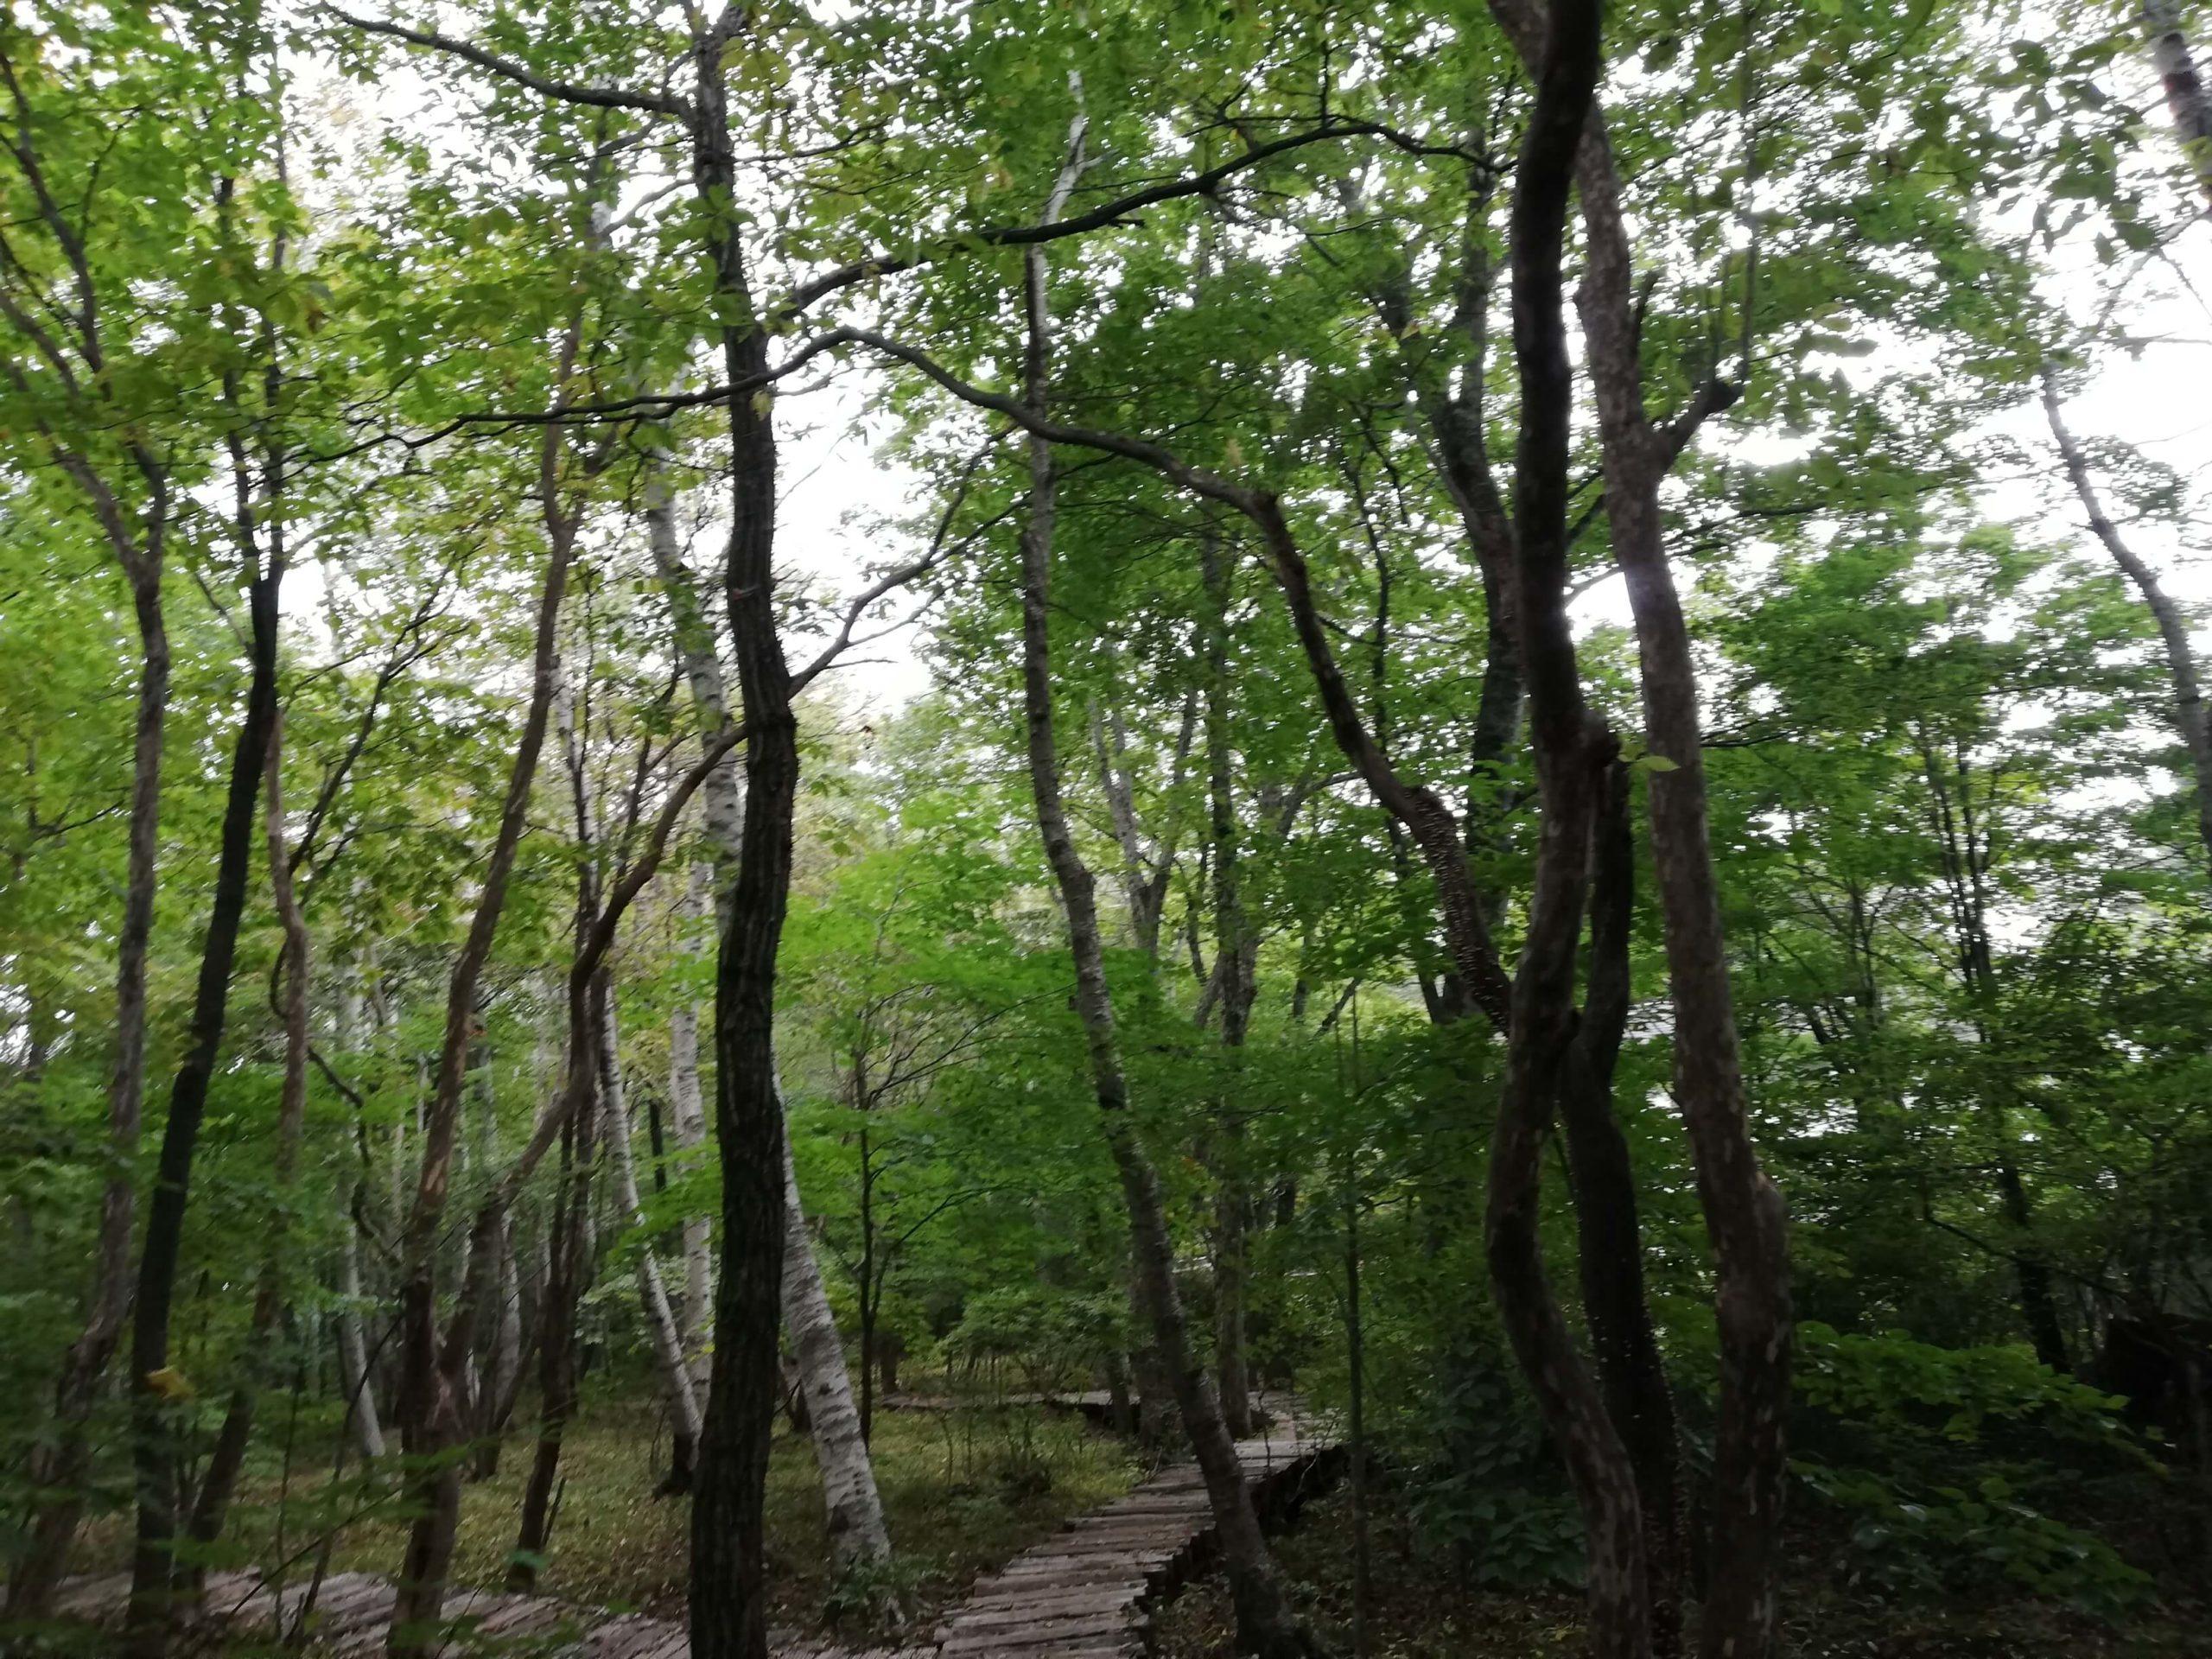 ペットお出かけ 山梨県北杜市 八ヶ岳倶楽部 雑木林をペットと散策